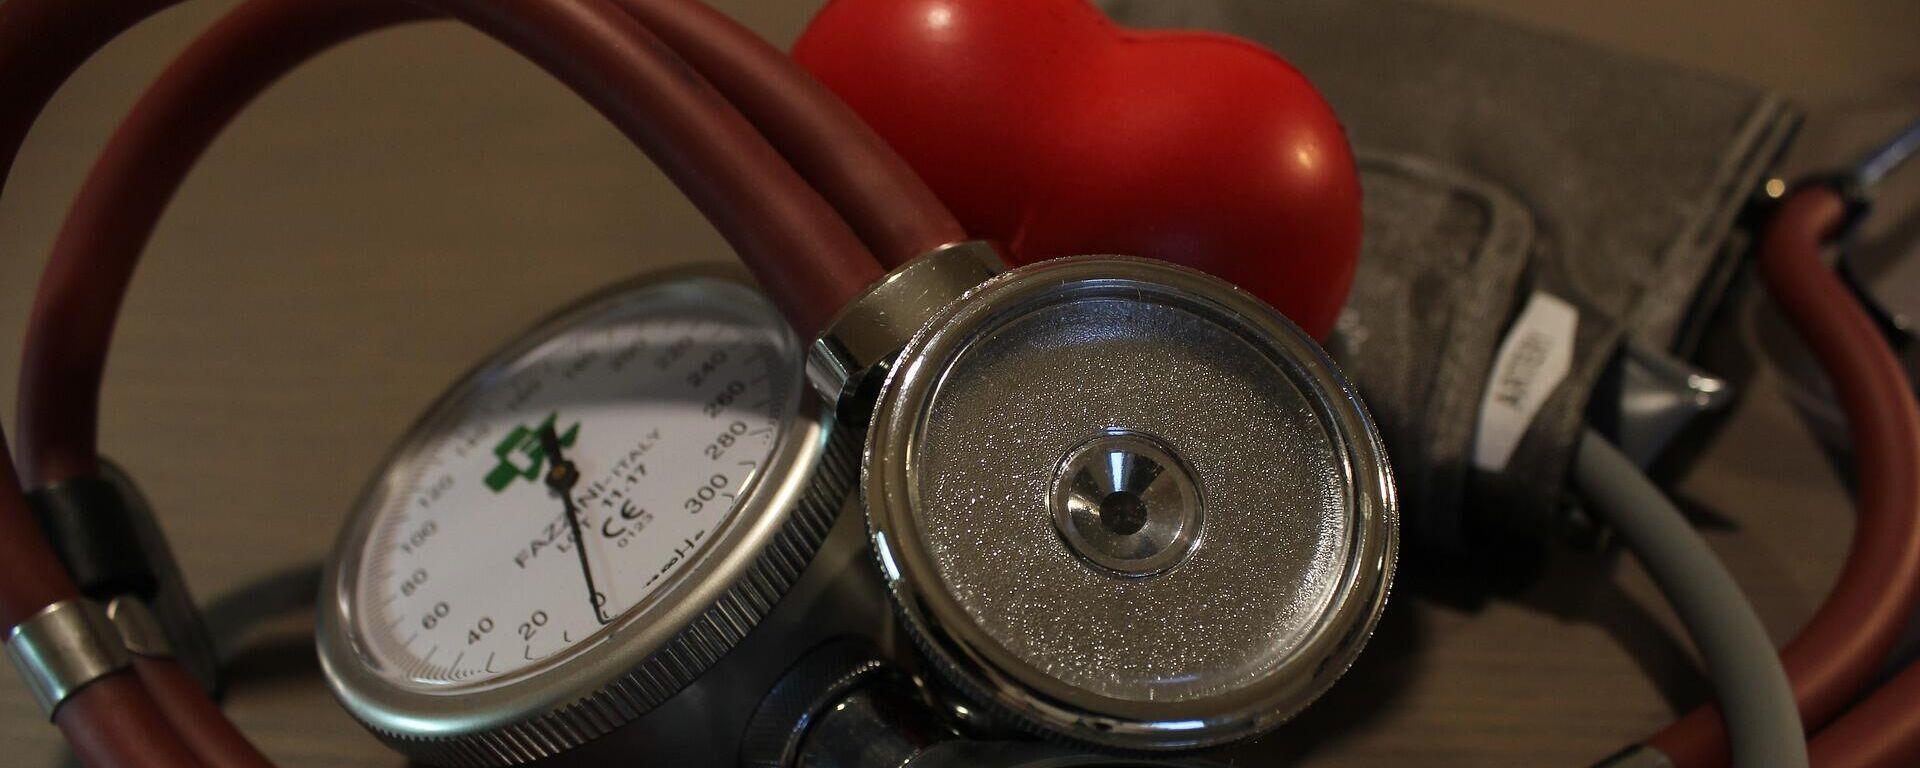 Medición arterial (imagen referencial) - Sputnik Mundo, 1920, 14.09.2021